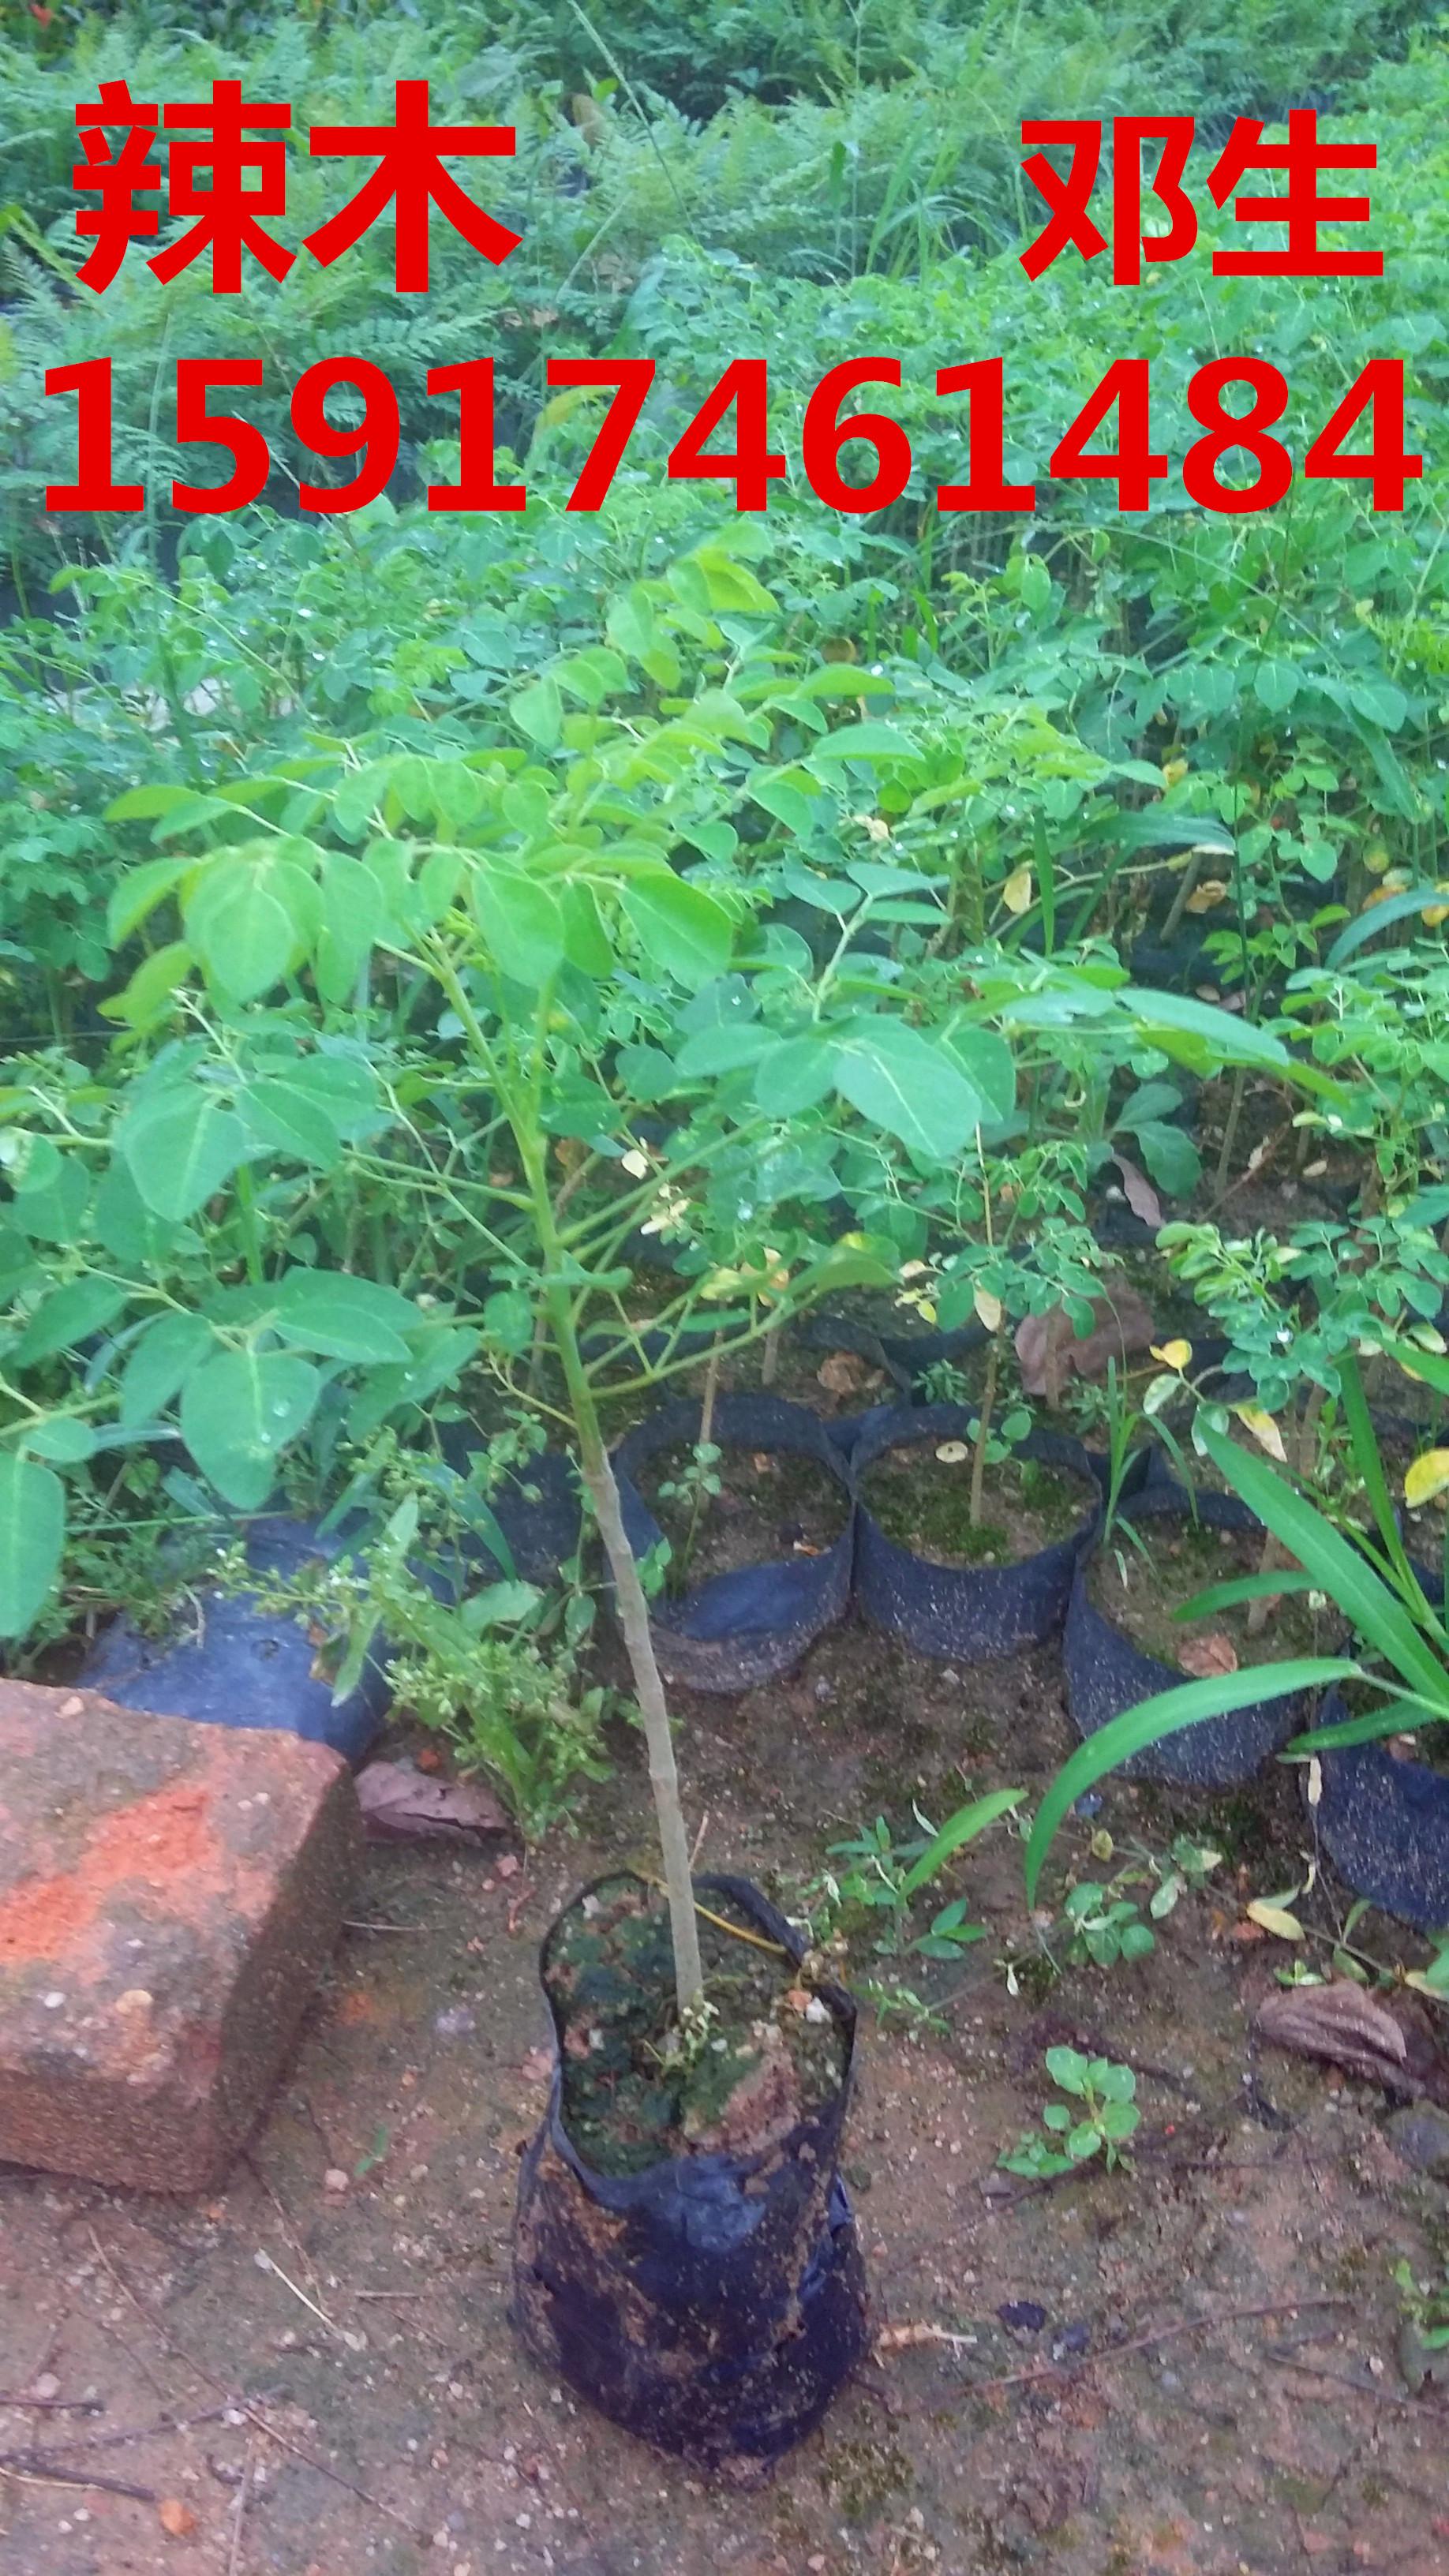 供应用于绿化造林的南方50公分高辣木小苗批发商价,广东60公分高辣木种苗报价,广州70公分高辣木树苗价格,辣木袋苗